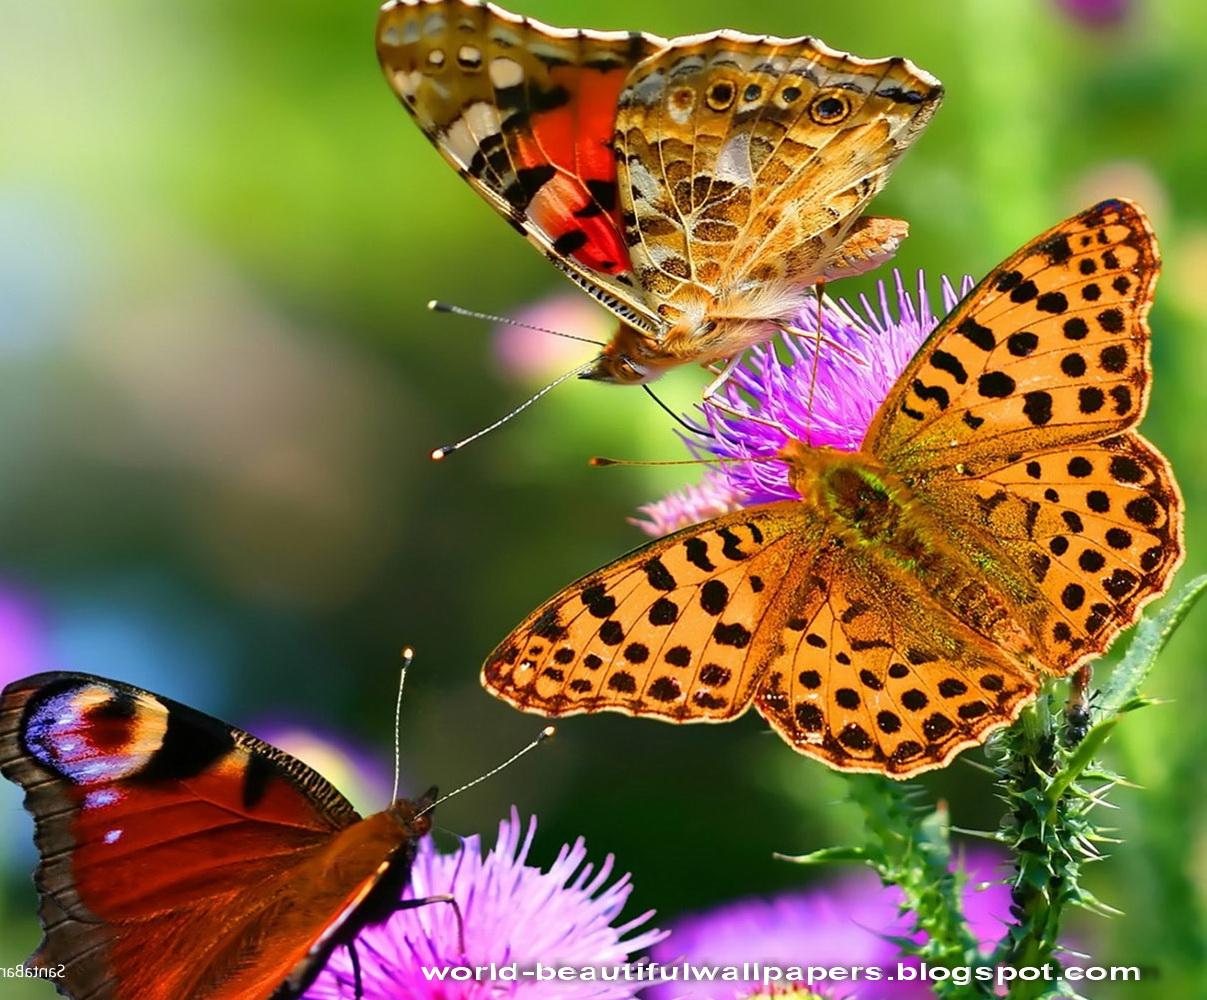 Beautiful Wallpapers Beautiful Butterflies Wallpaper 1207x1000